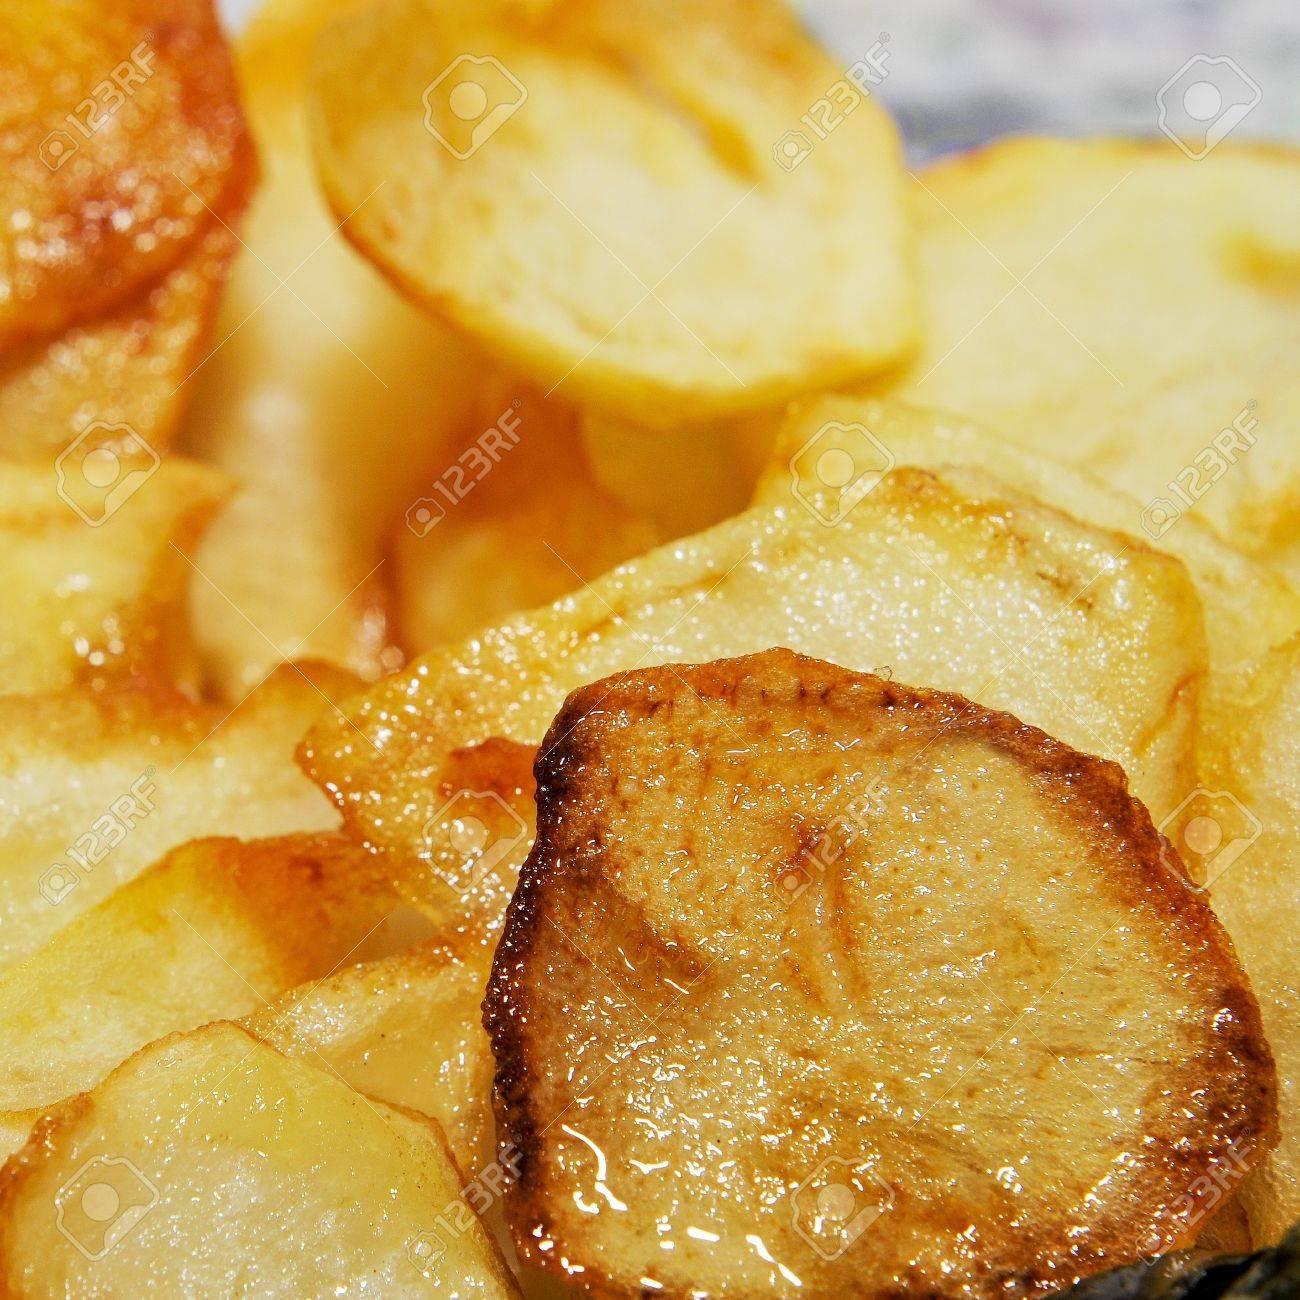 primer plano de un plato con patatas fritas españolas, papas fritas francés Foto de archivo - 16965502